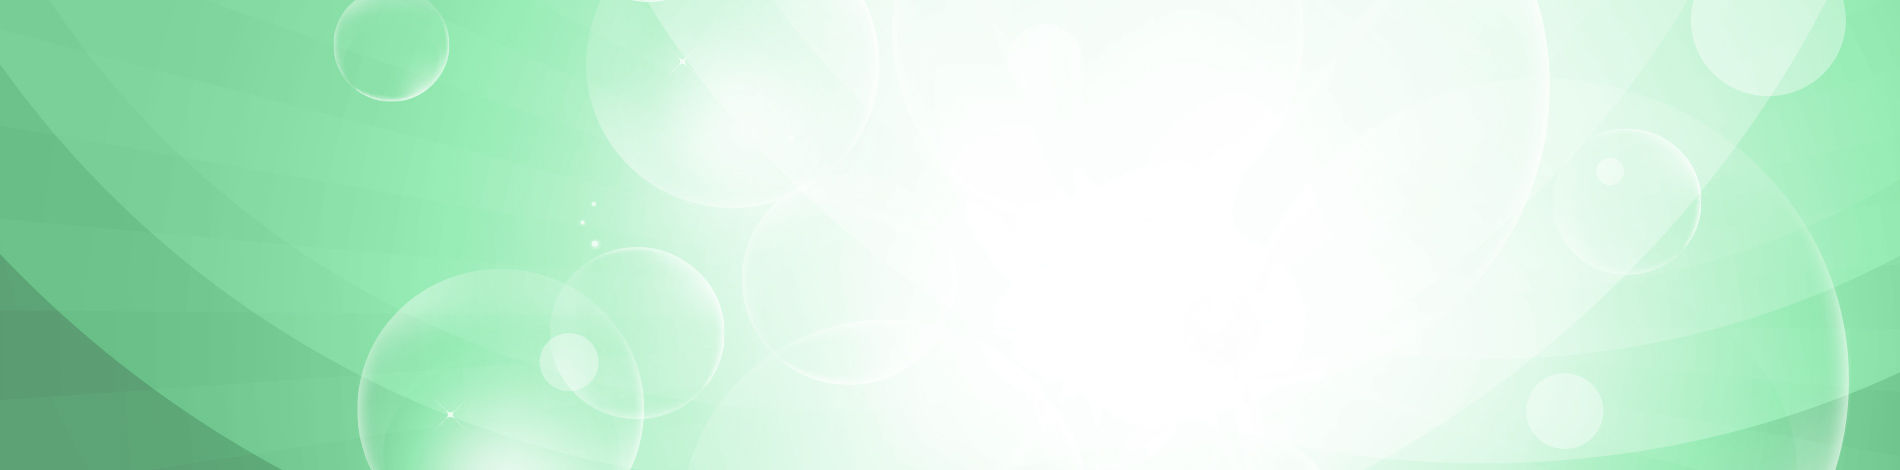 green_bg